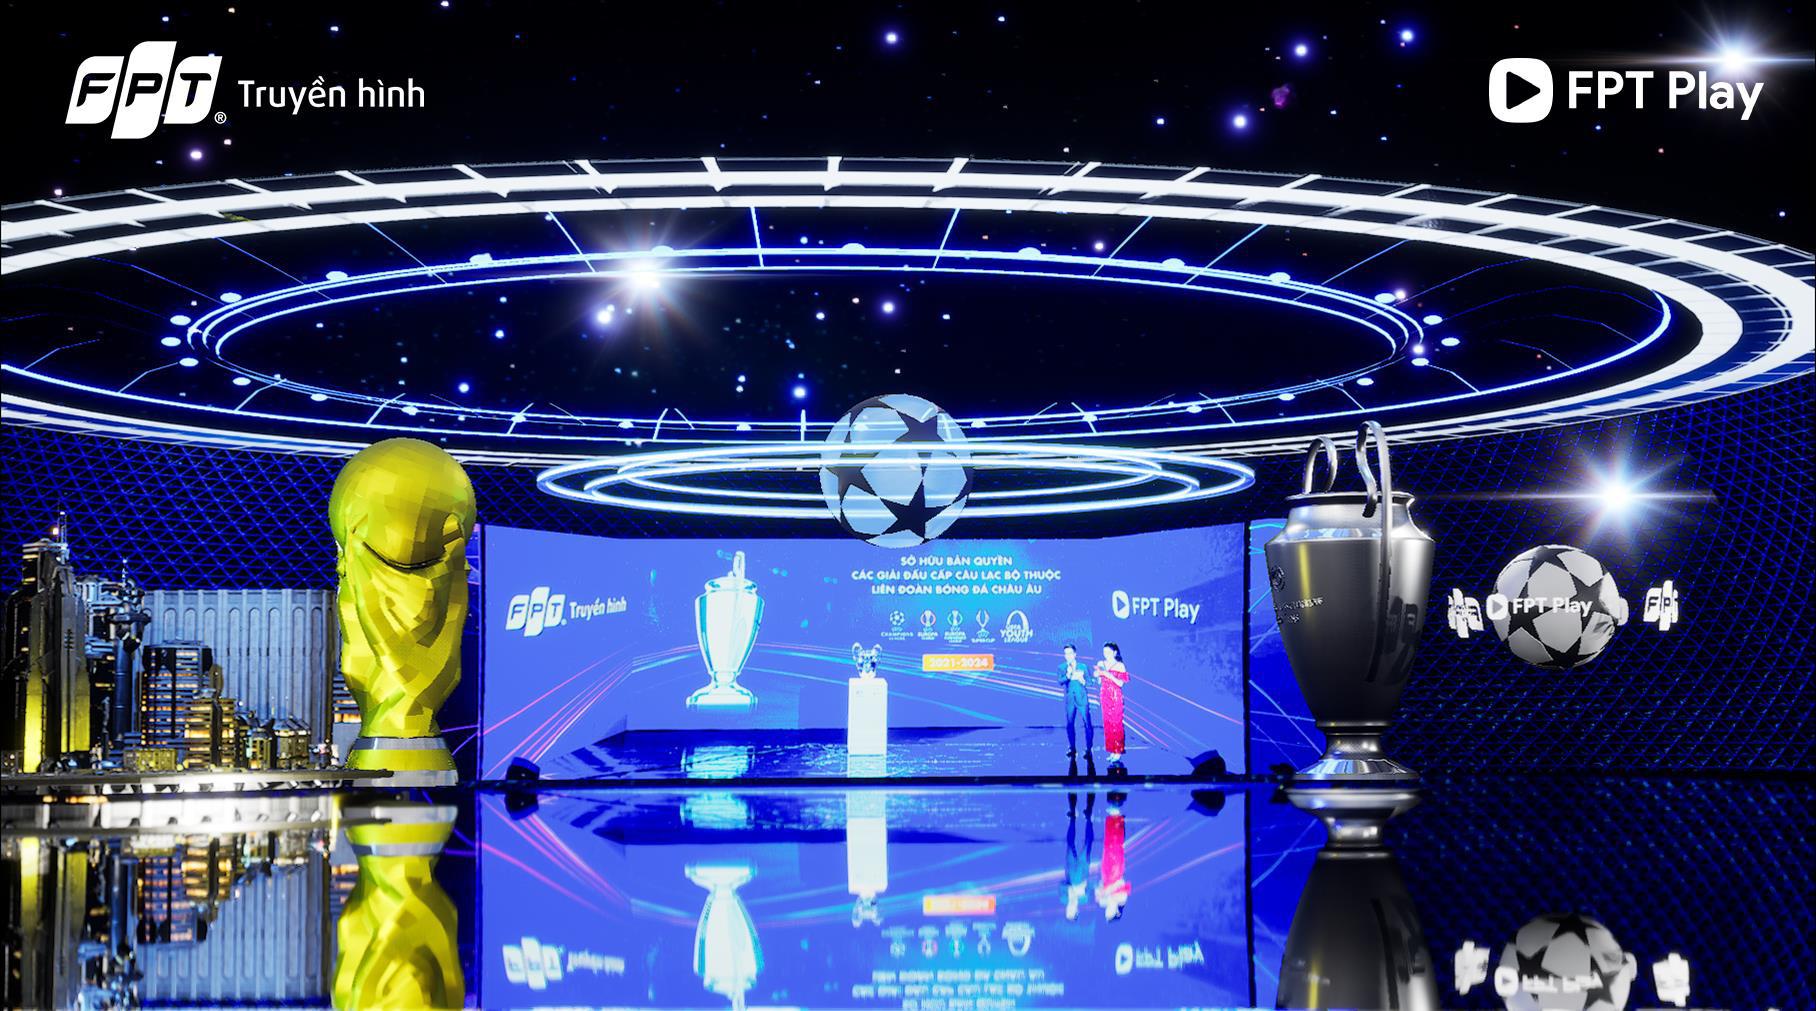 FPT khiến fan hâm mộ bóng đá mãn nhãn với sự kiện bốc thăm công nghệ AR đỉnh cao - Ảnh 2.